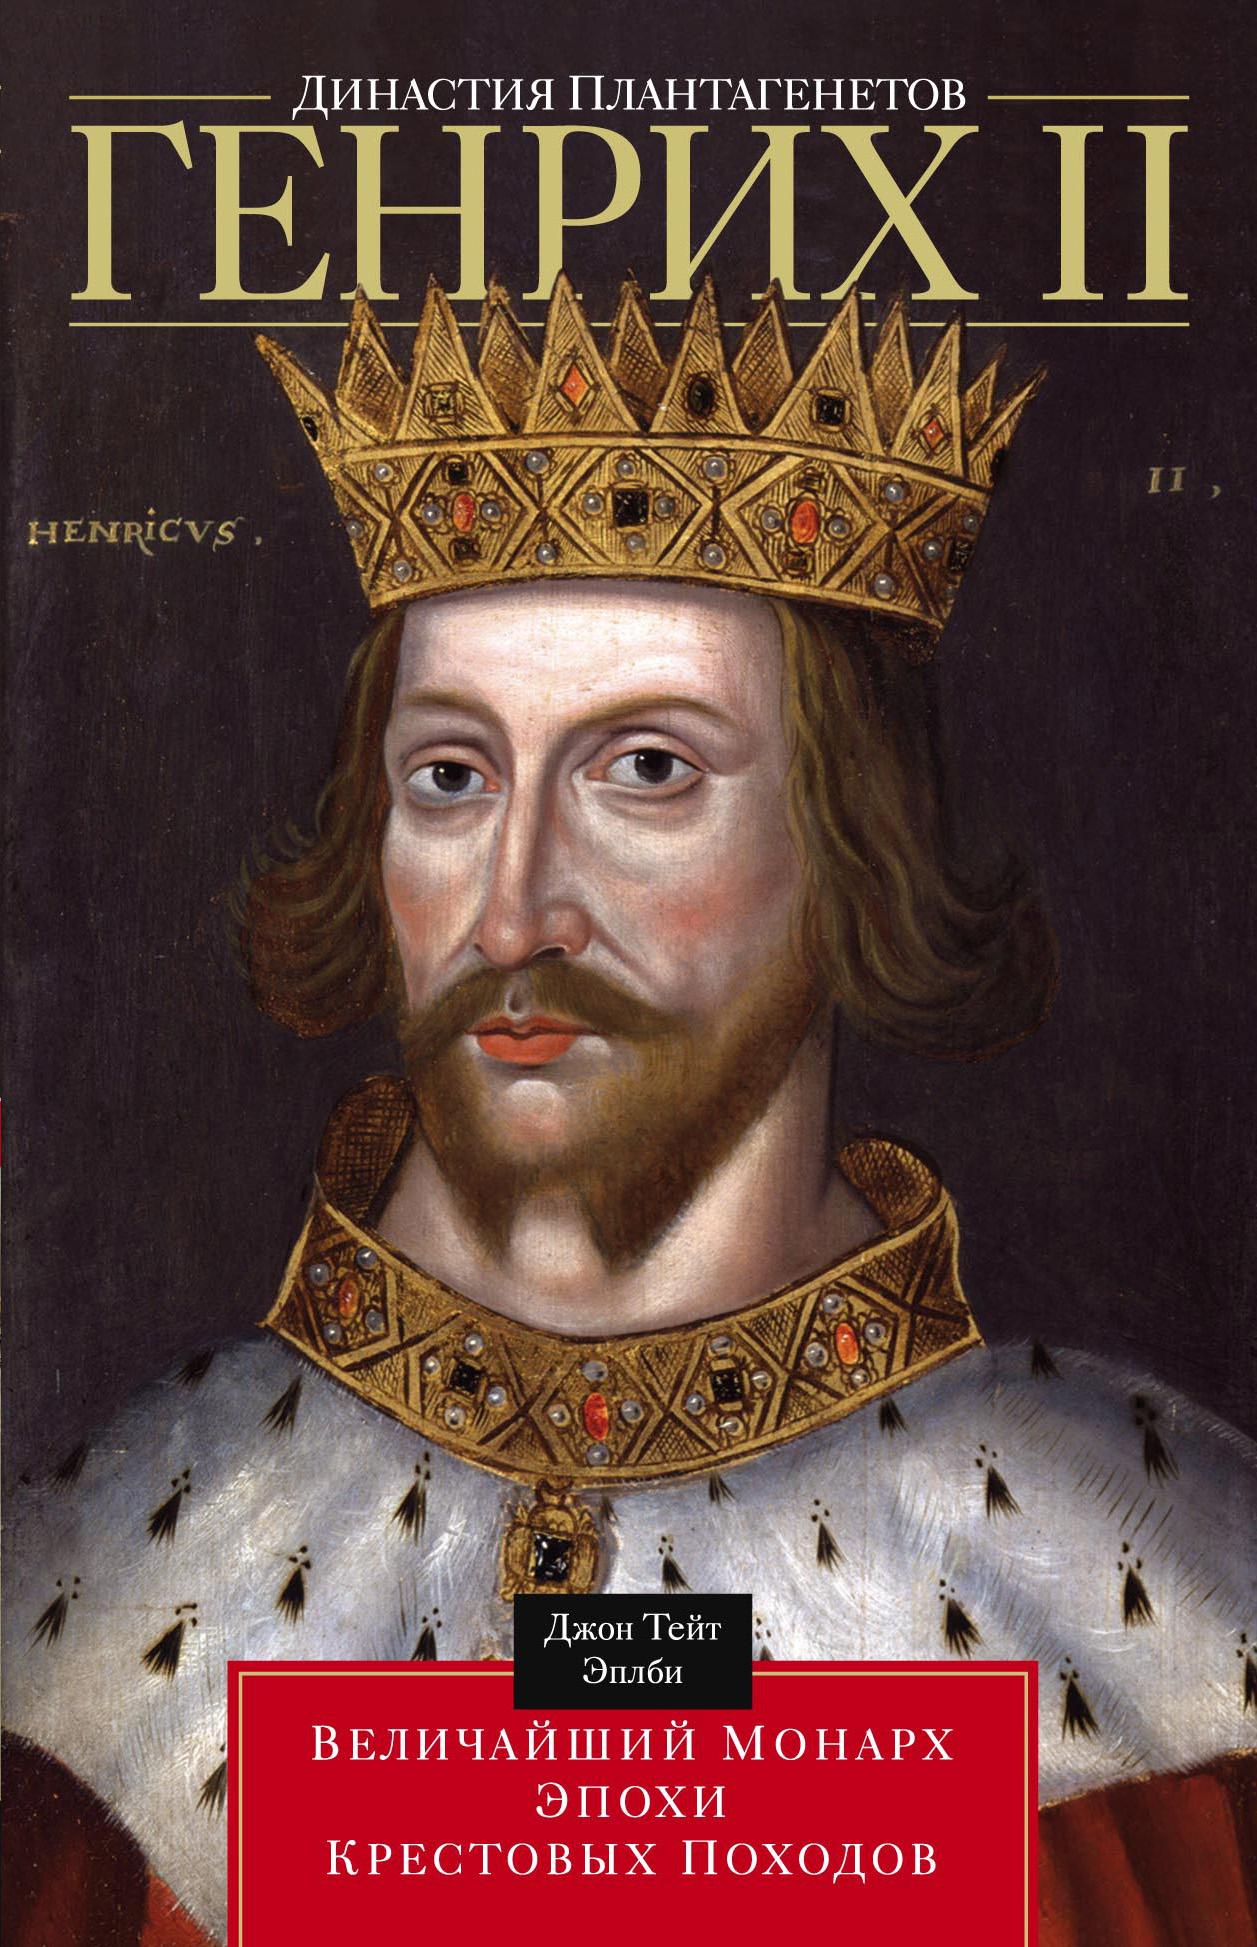 Джон Эплби «Династия Плантагенетов. Генрих II. Величайший монарх эпохи Крестовых походов»